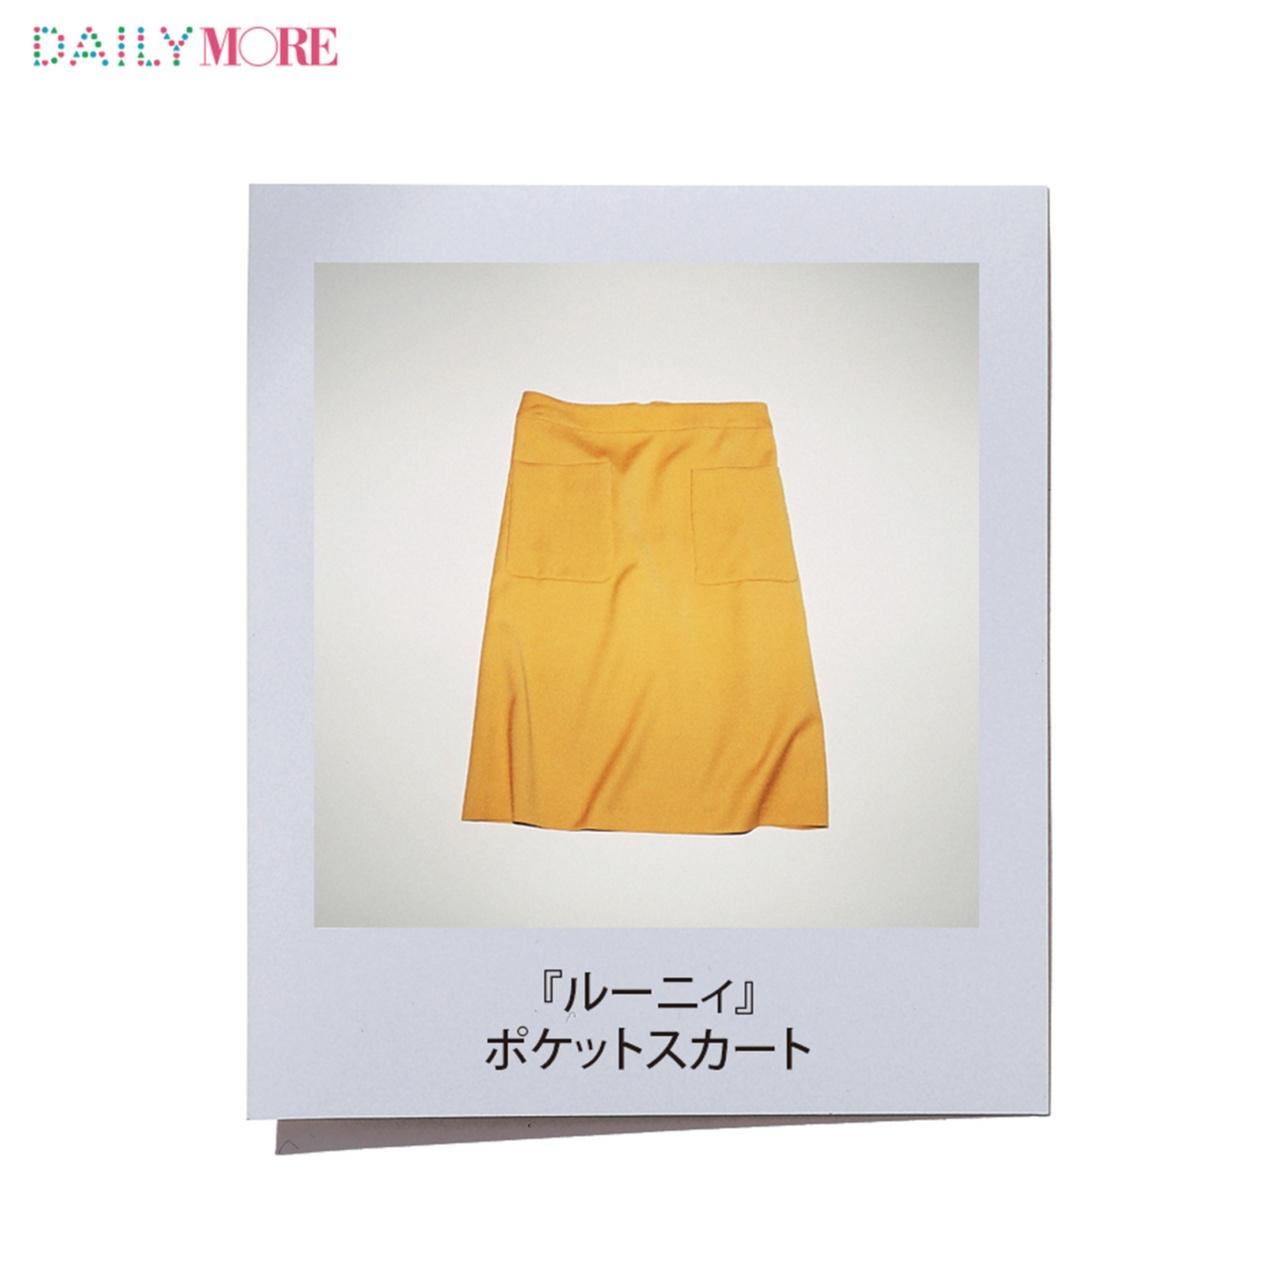 """【プレスも驚き(⁉)】人気ブランドで、この夏""""本当に売れている""""隠れた名品、教えてもらいました!_1_4"""